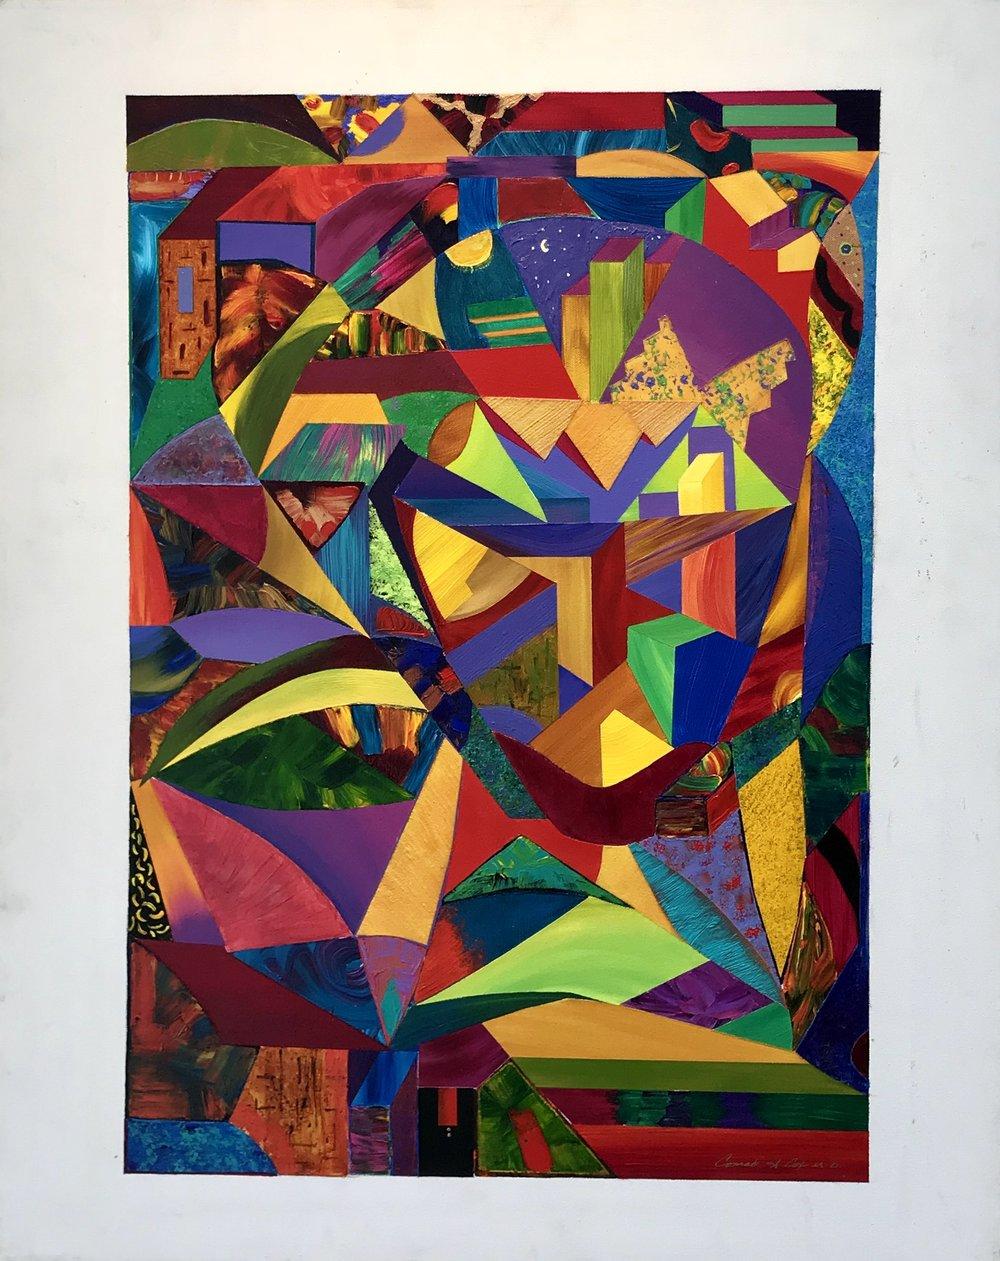 FIRST PLACE  - Conrad A. Cox |La Face |Acrylic